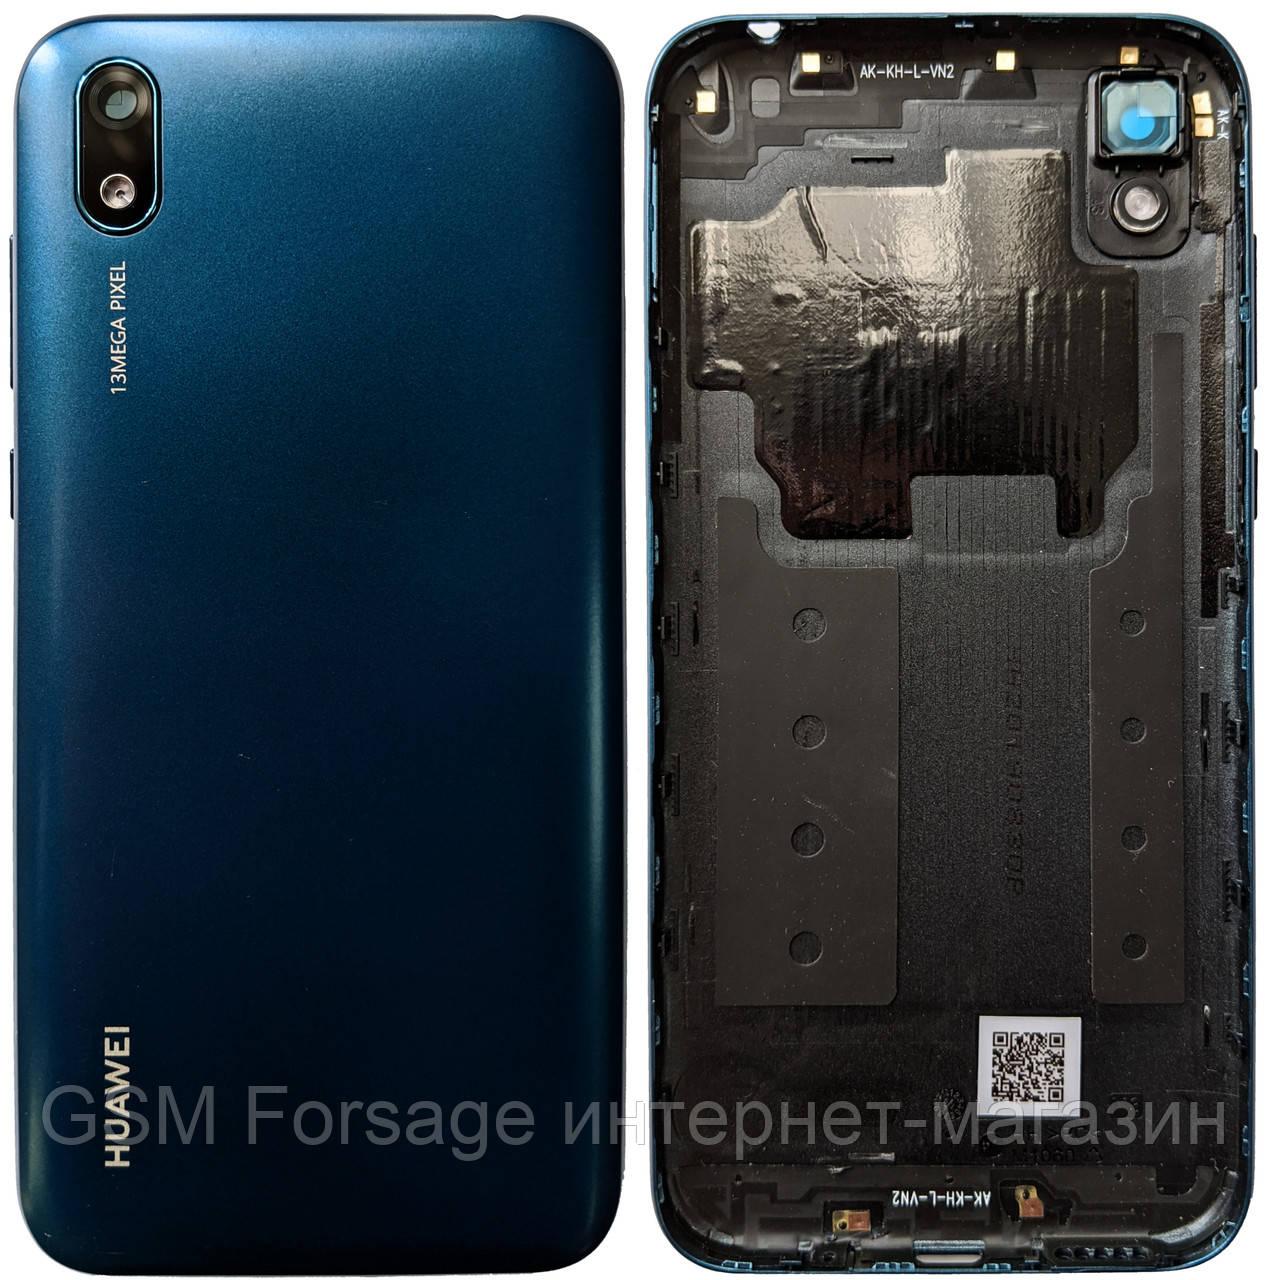 Задняя часть корпуса Huawei Y5 2019 Blue